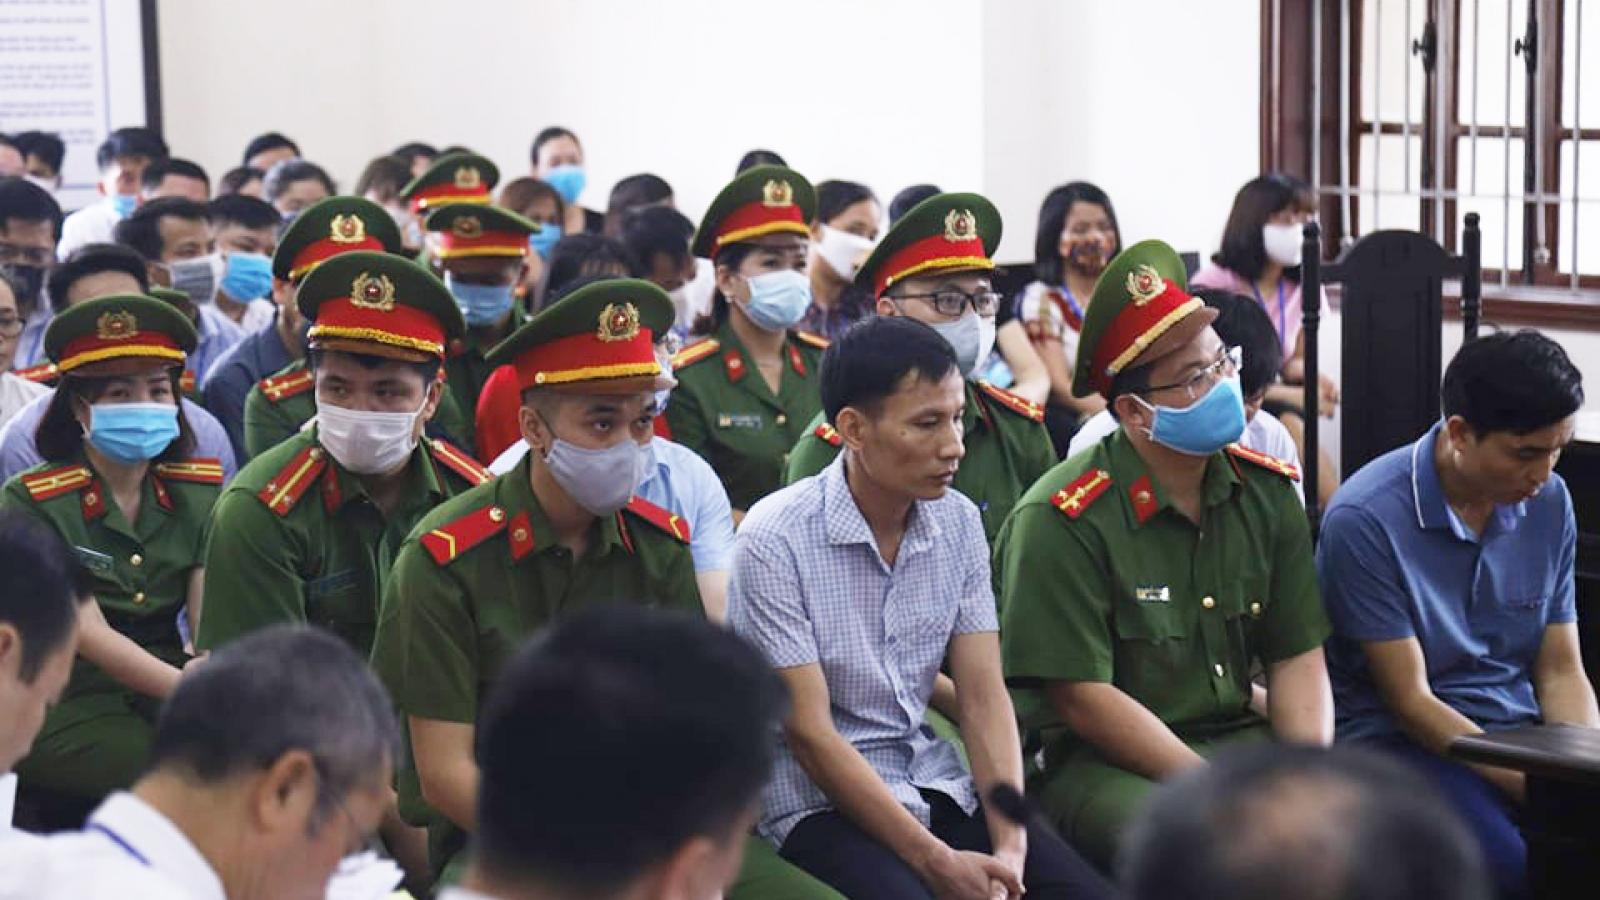 Cựu Thượng tá Công an Hòa Bình phủ nhận câu kết nâng điểm thi